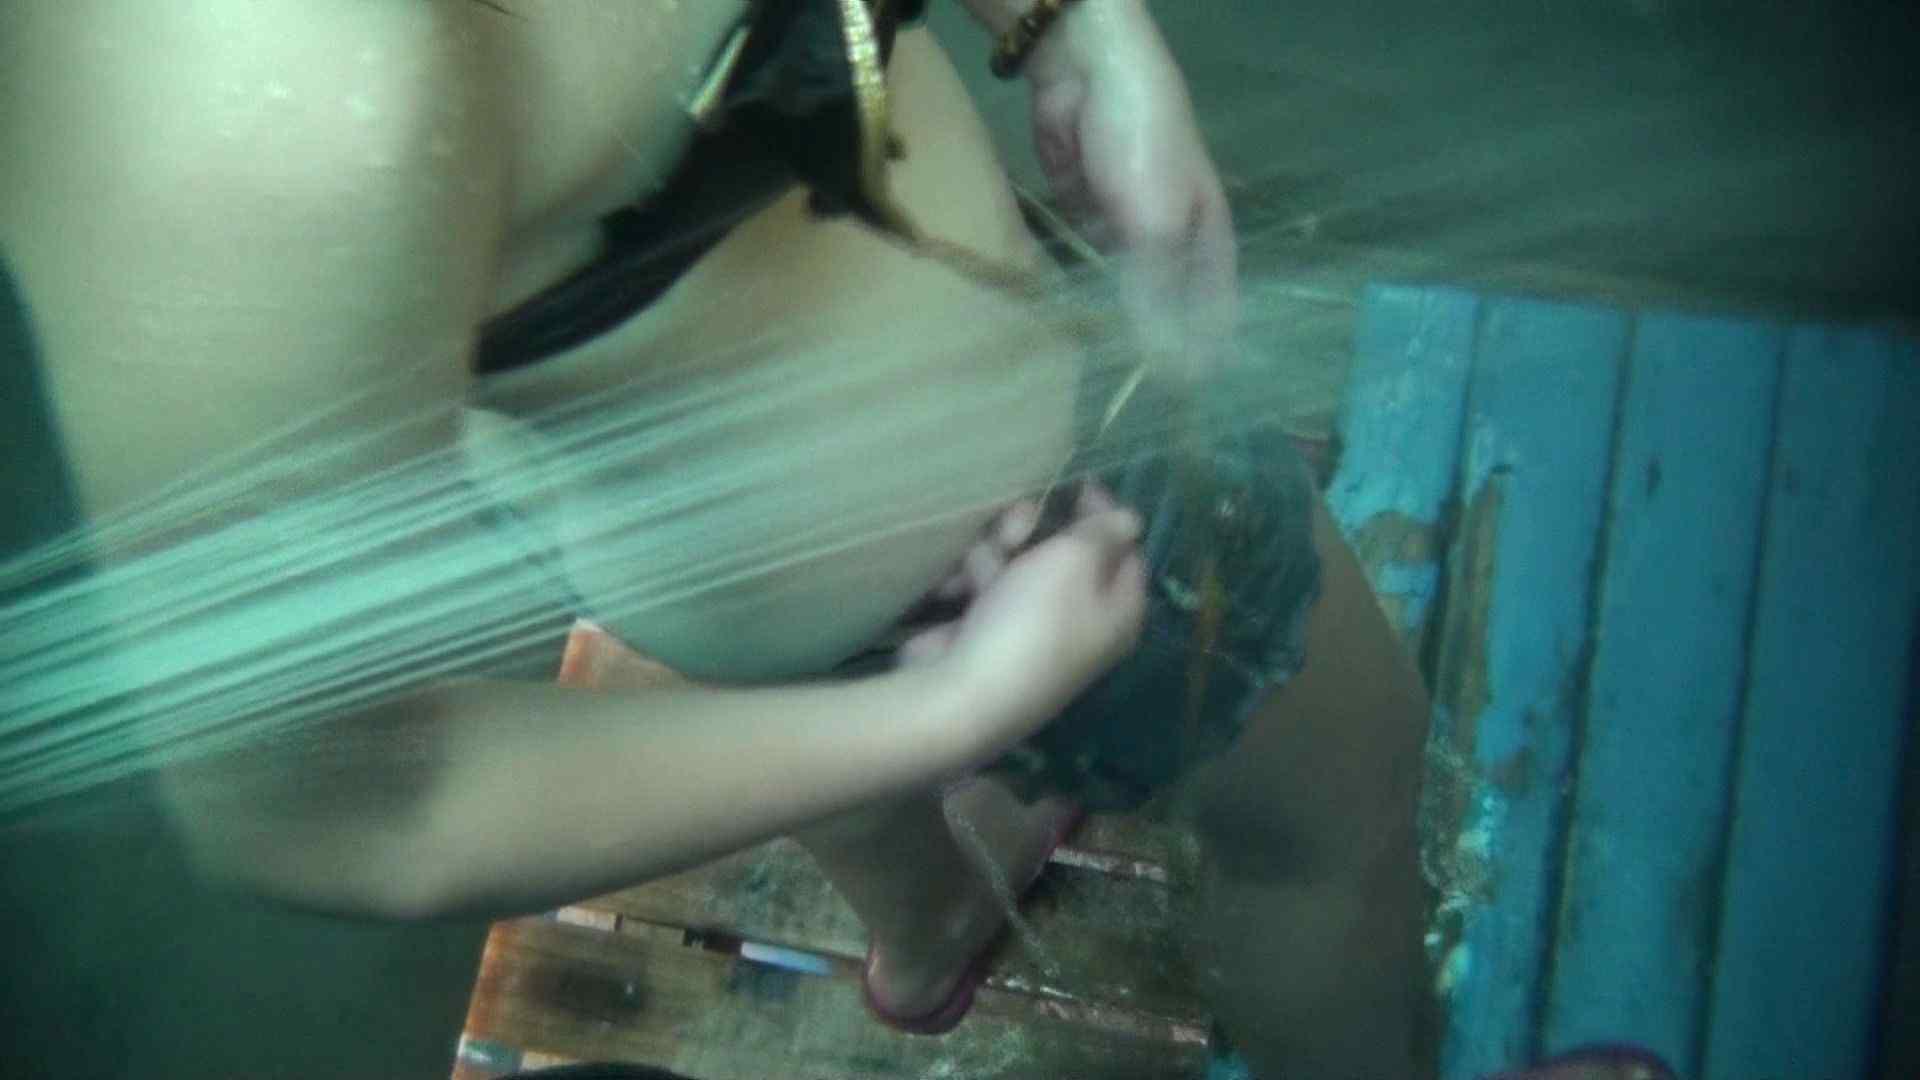 シャワールームは超!!危険な香りVol.19 顔だけ太った宇多田ヒカルのジラしのちら見せ 高画質  110PIX 78